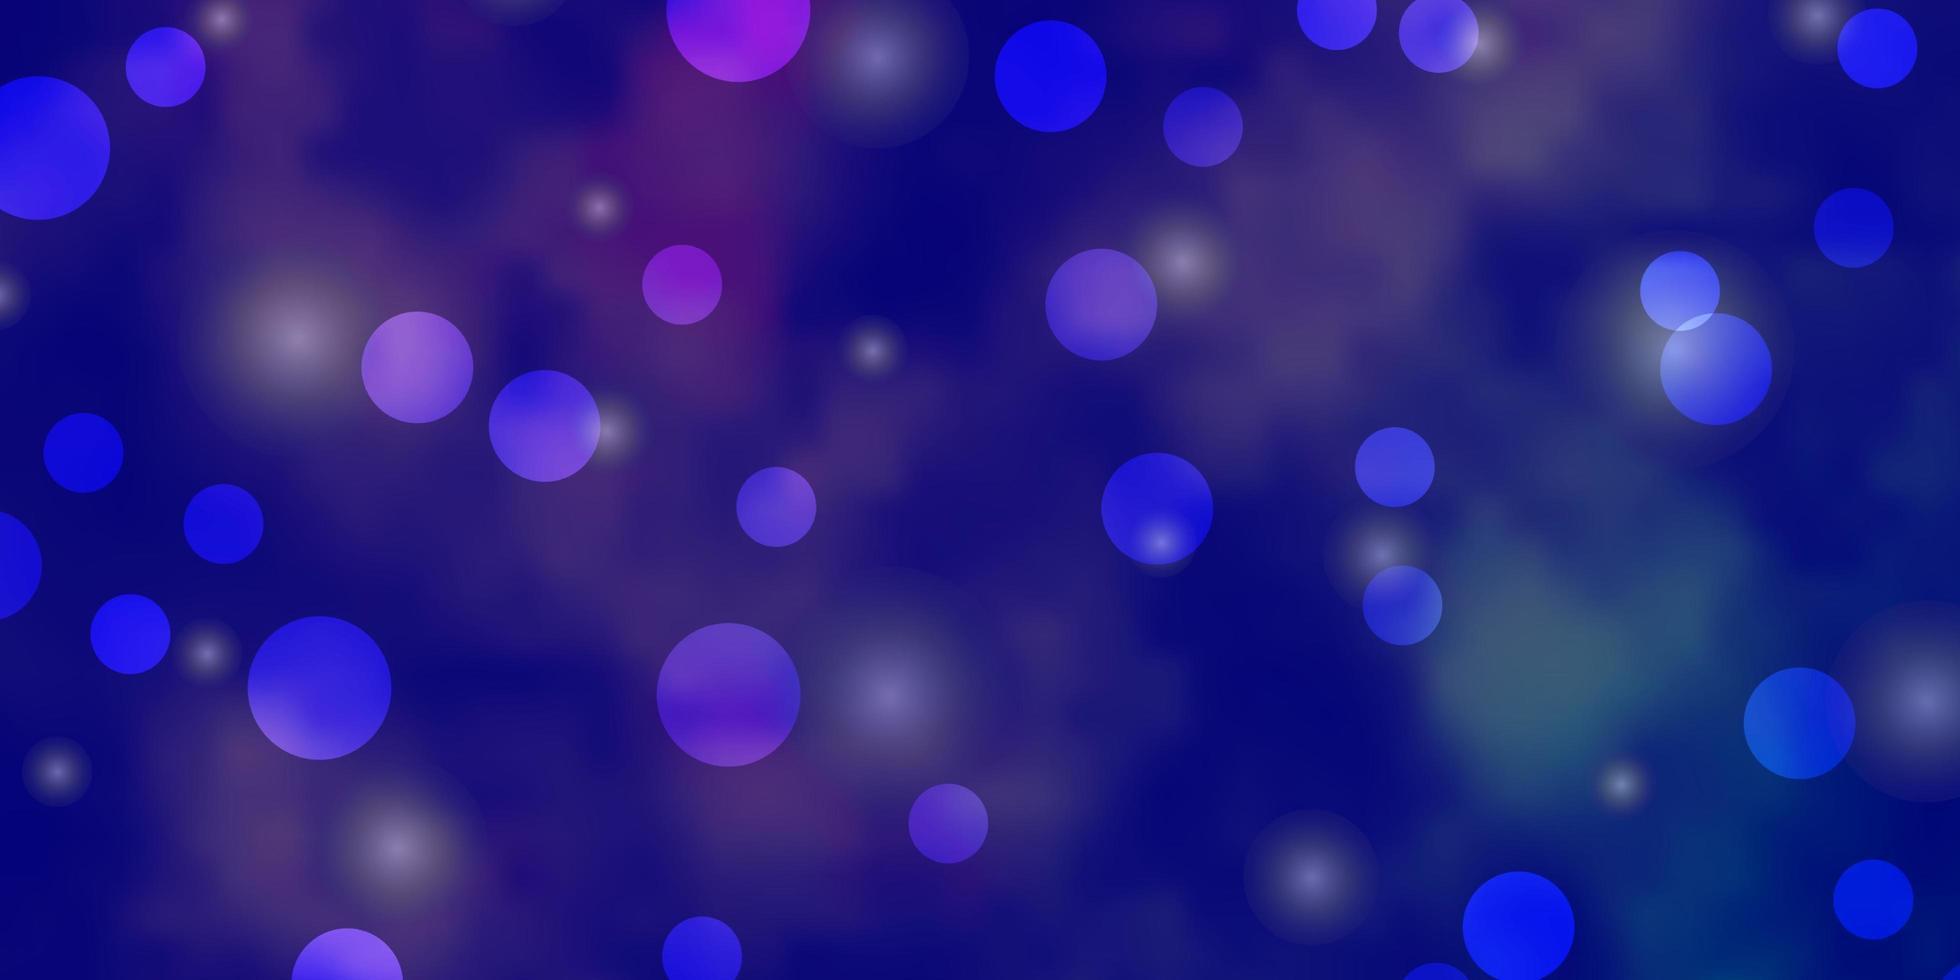 padrão de vetor roxo claro com círculos, estrelas.